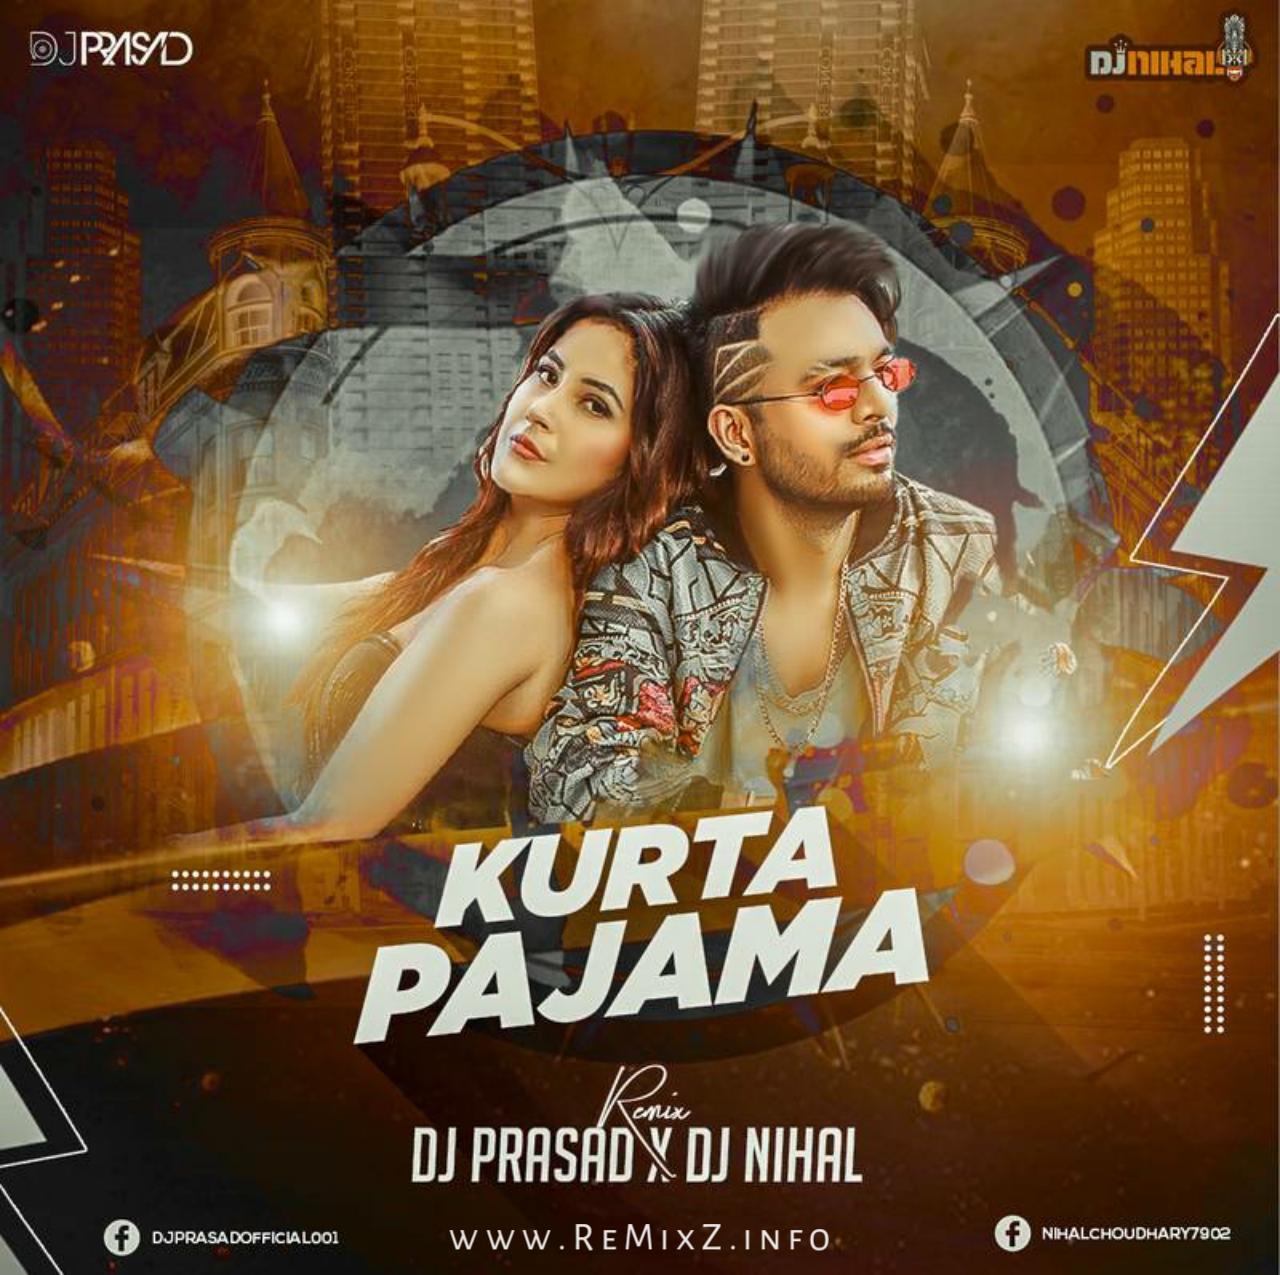 kurta-pajama-remix-dj-prasad-dj-nihal.jpg